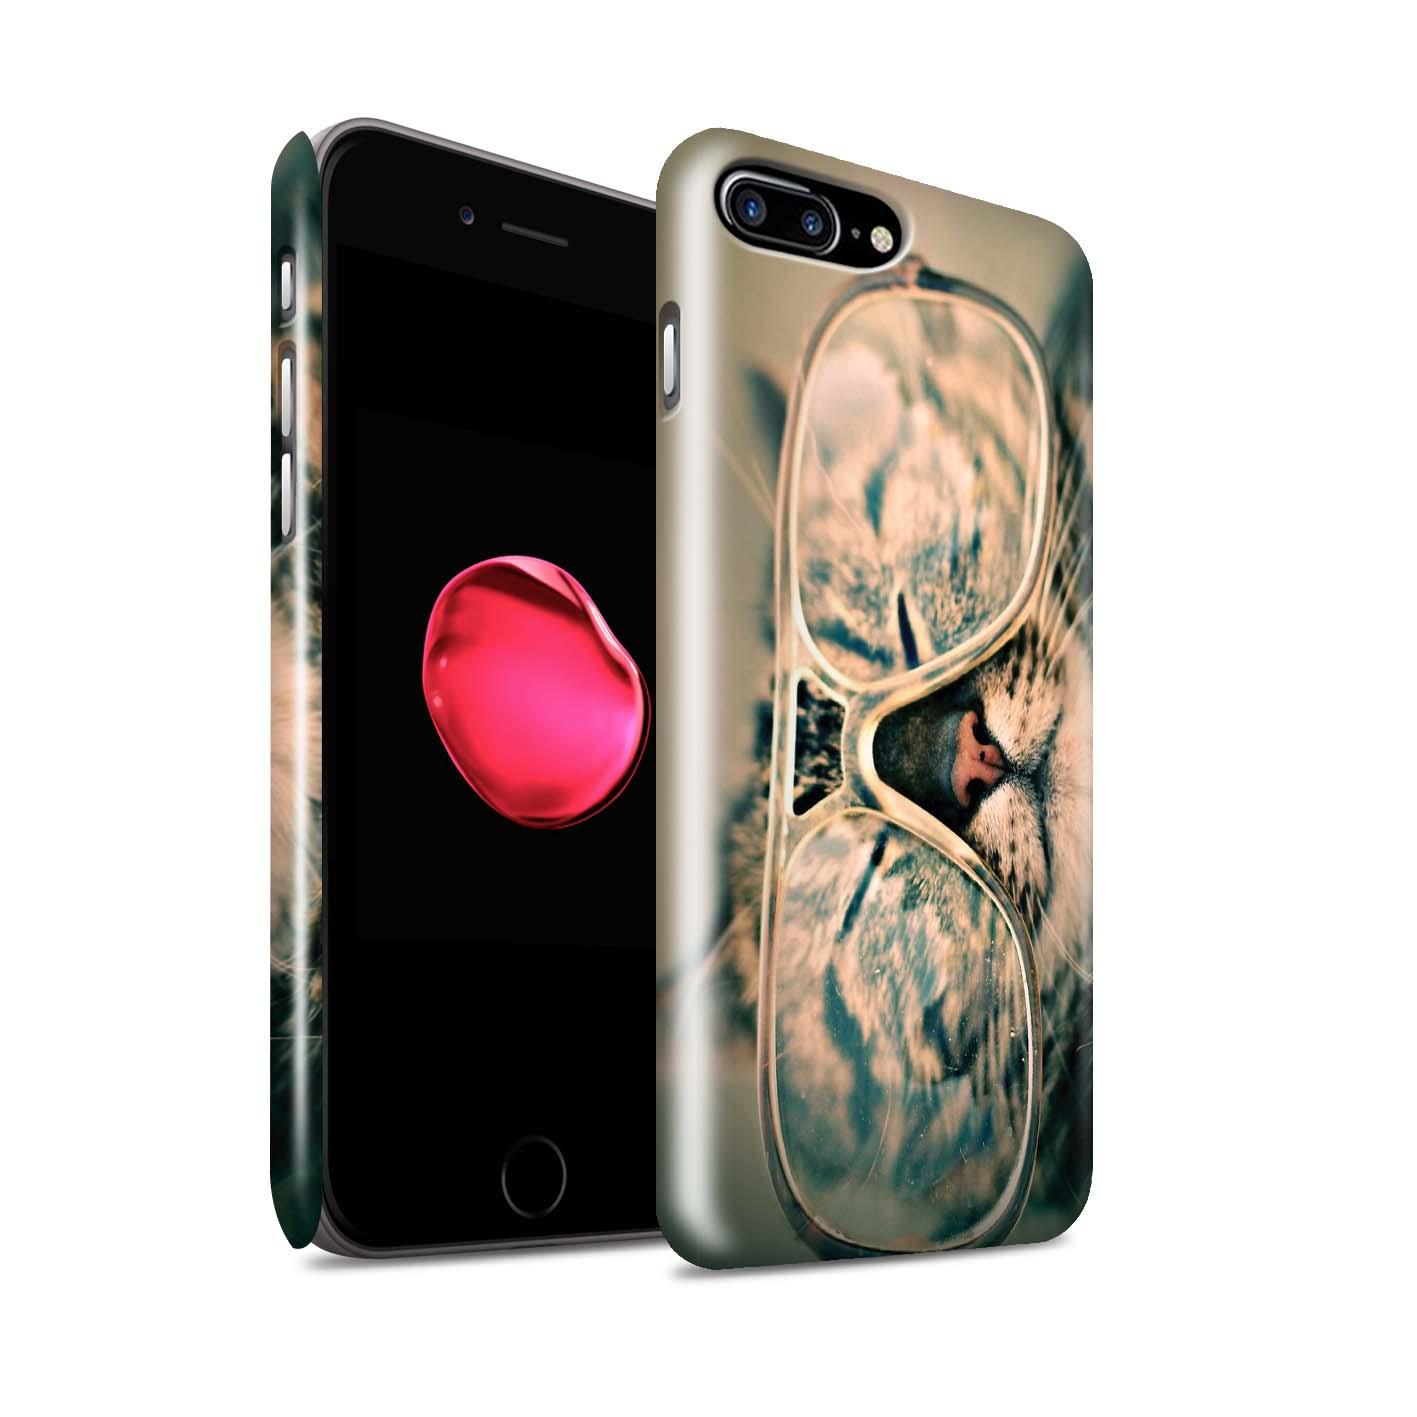 STUFF4-Glanz-Snap-Huelle-Case-fuer-Apple-iPhone-7-Plus-Lustiges-Tier-Meme